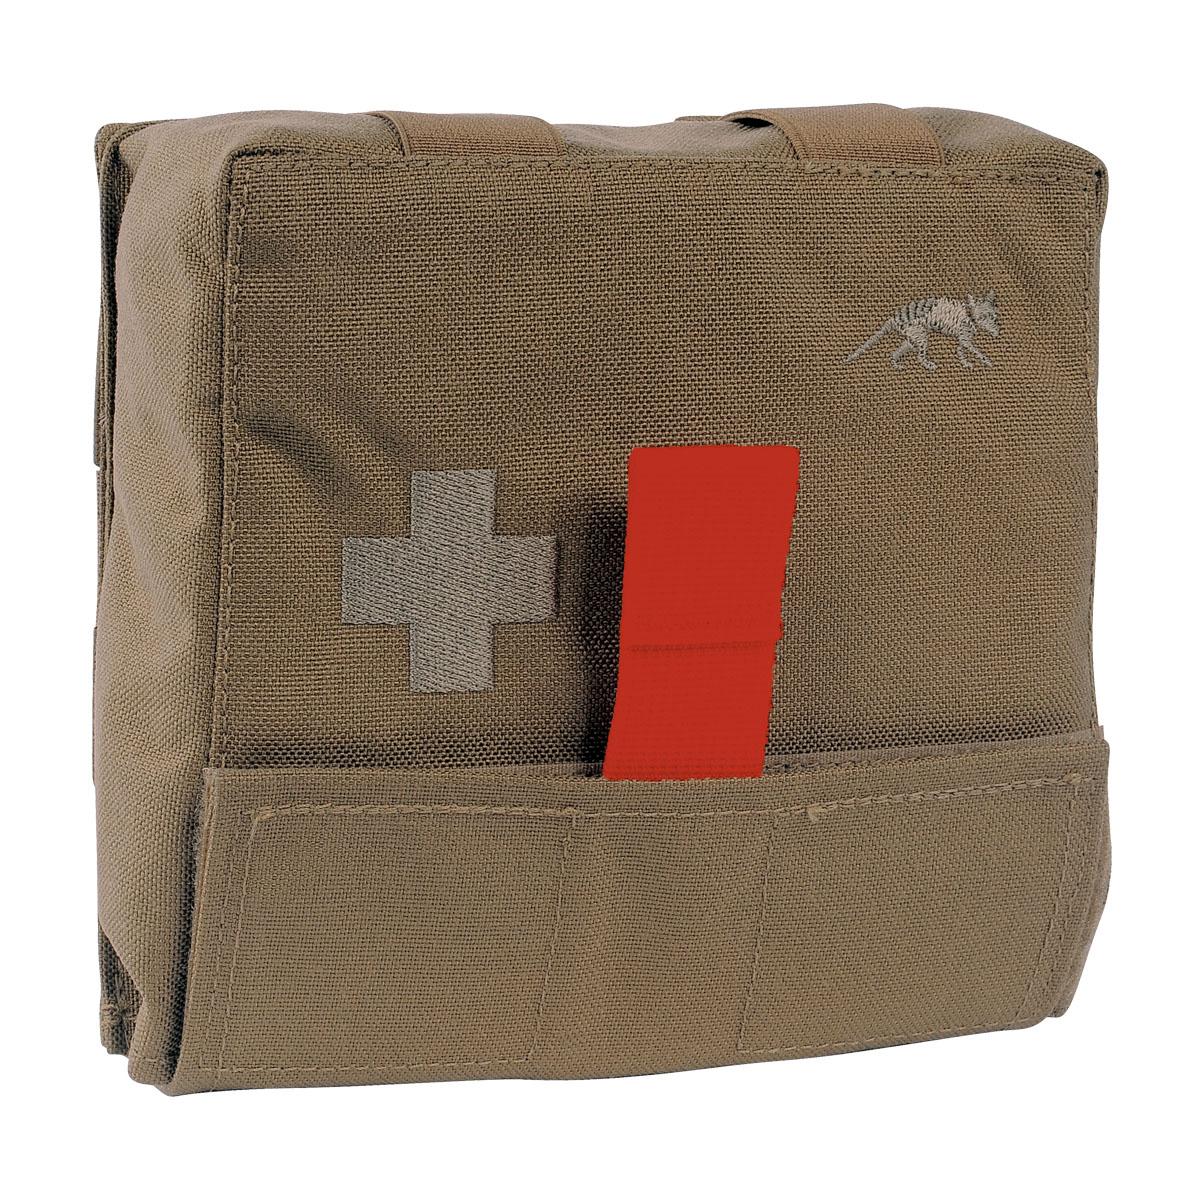 Подсумок-аптечка TT IFAK POUCH S coyote brown, 7687.346, Подсумки - арт. 821650193